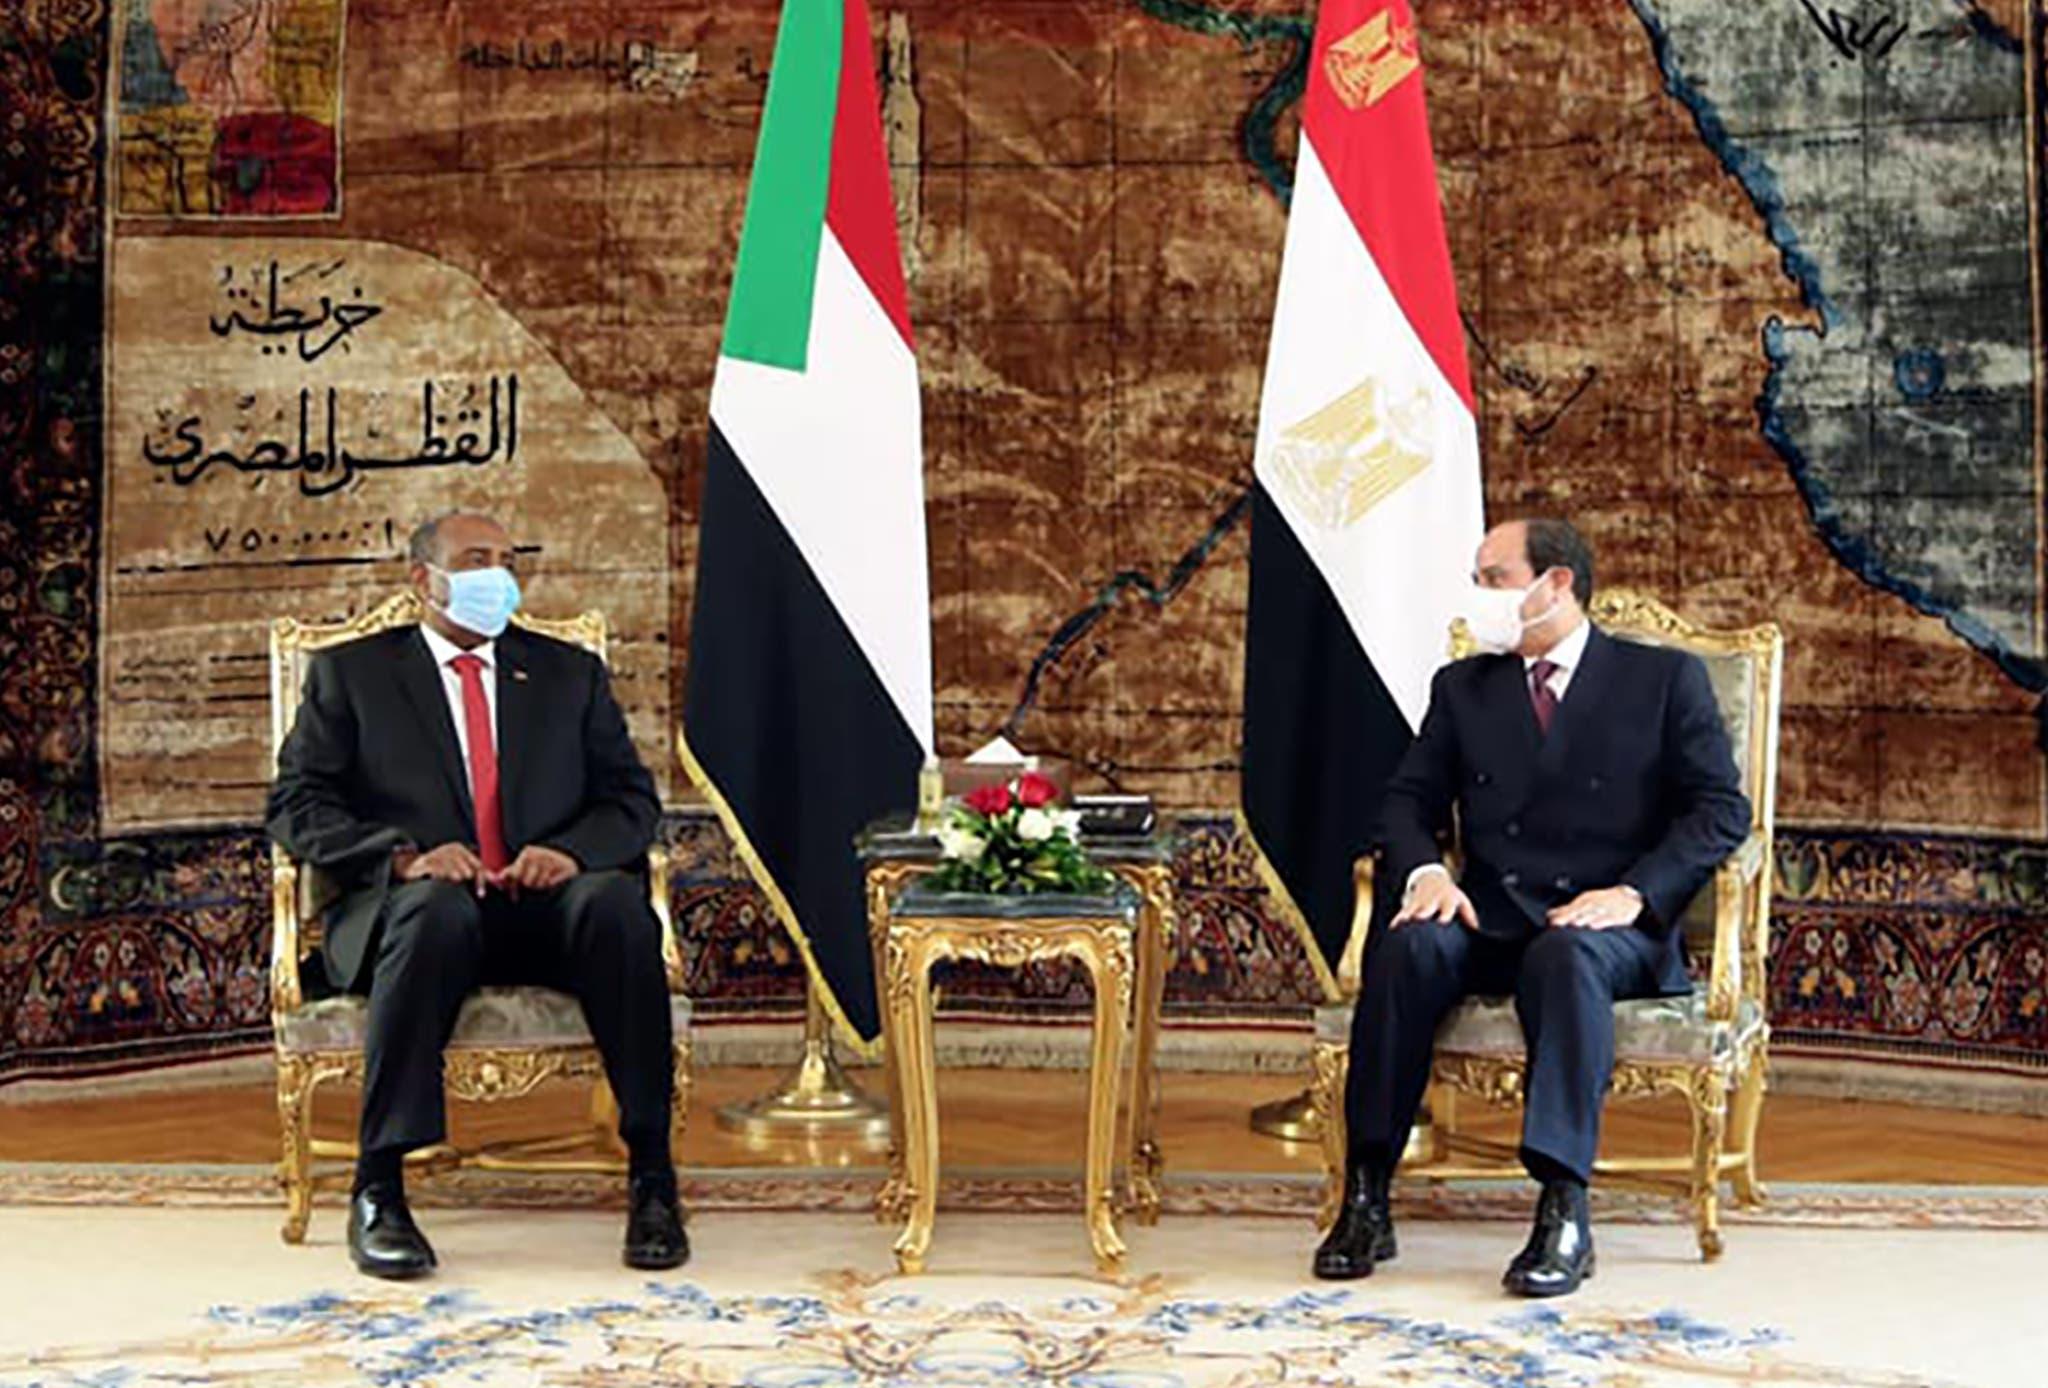 من لقاء البرهان بالسيسي في القاهرة الأسبوع الماضي